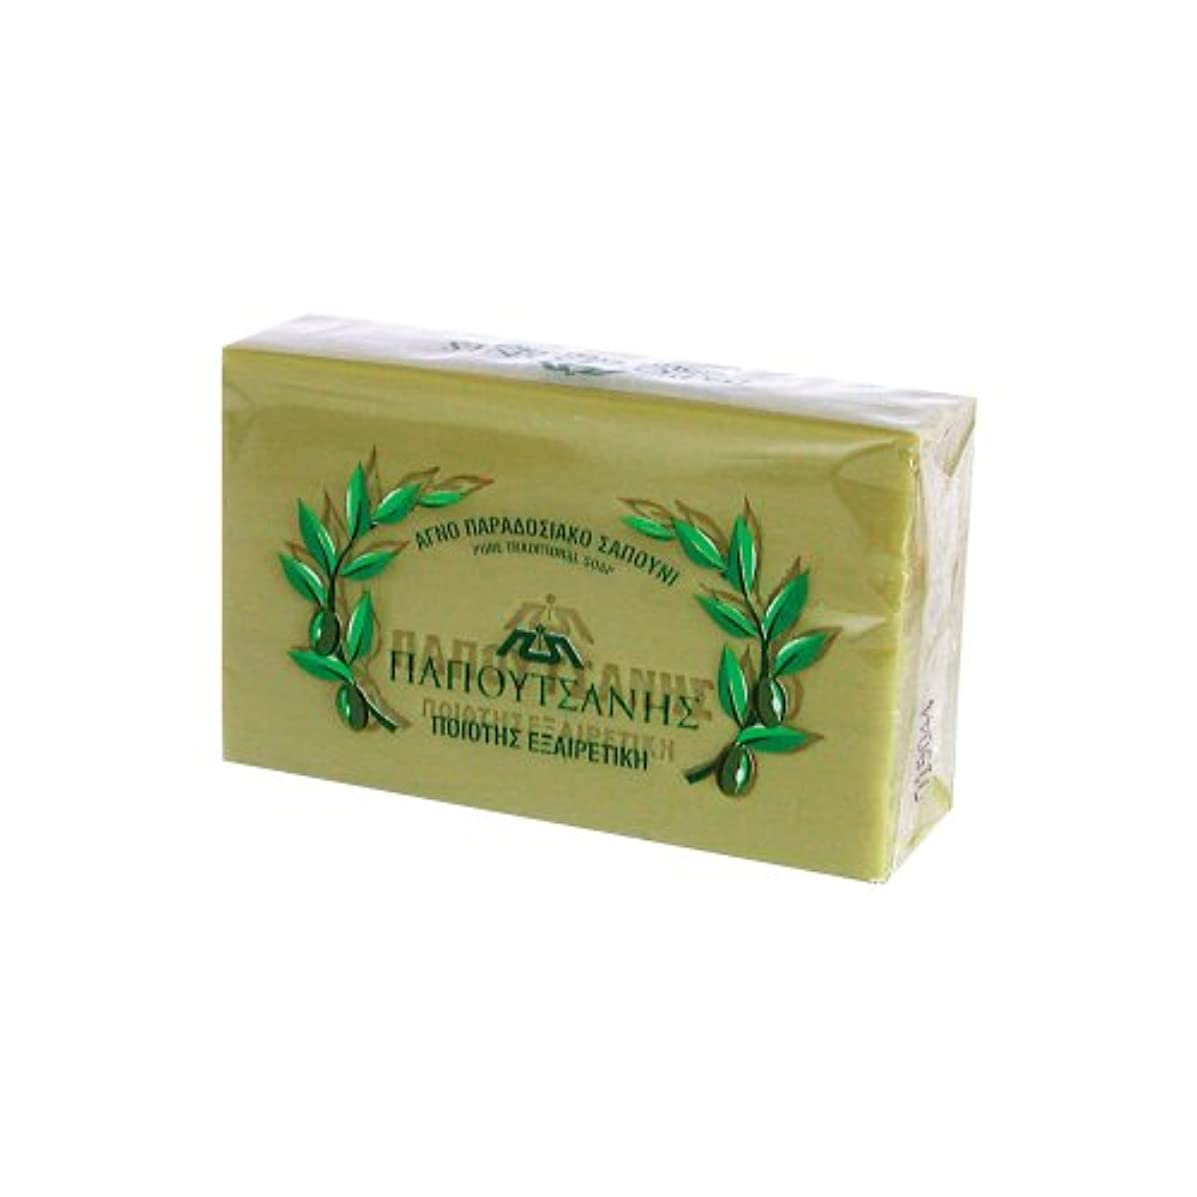 ペイントバリケードペイントギリシャの石鹸 パポタニス125g